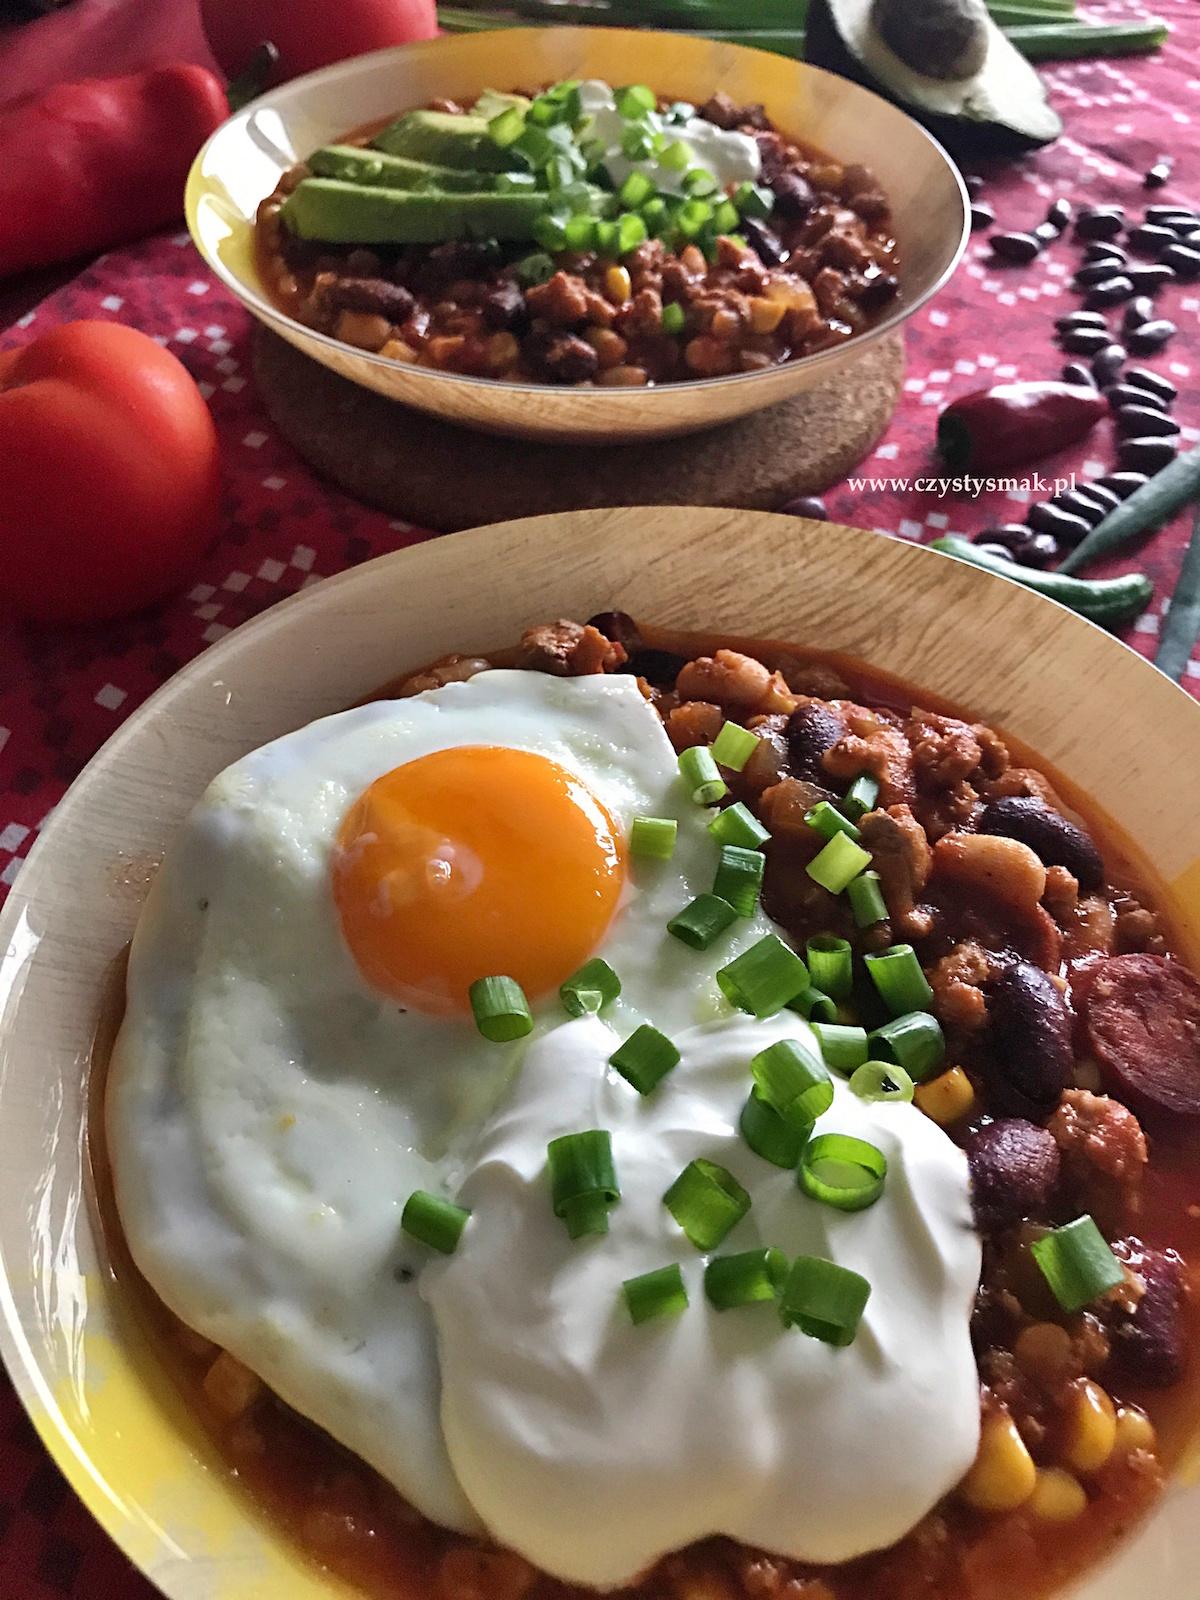 Chili con carne z jajkiem sadzonym